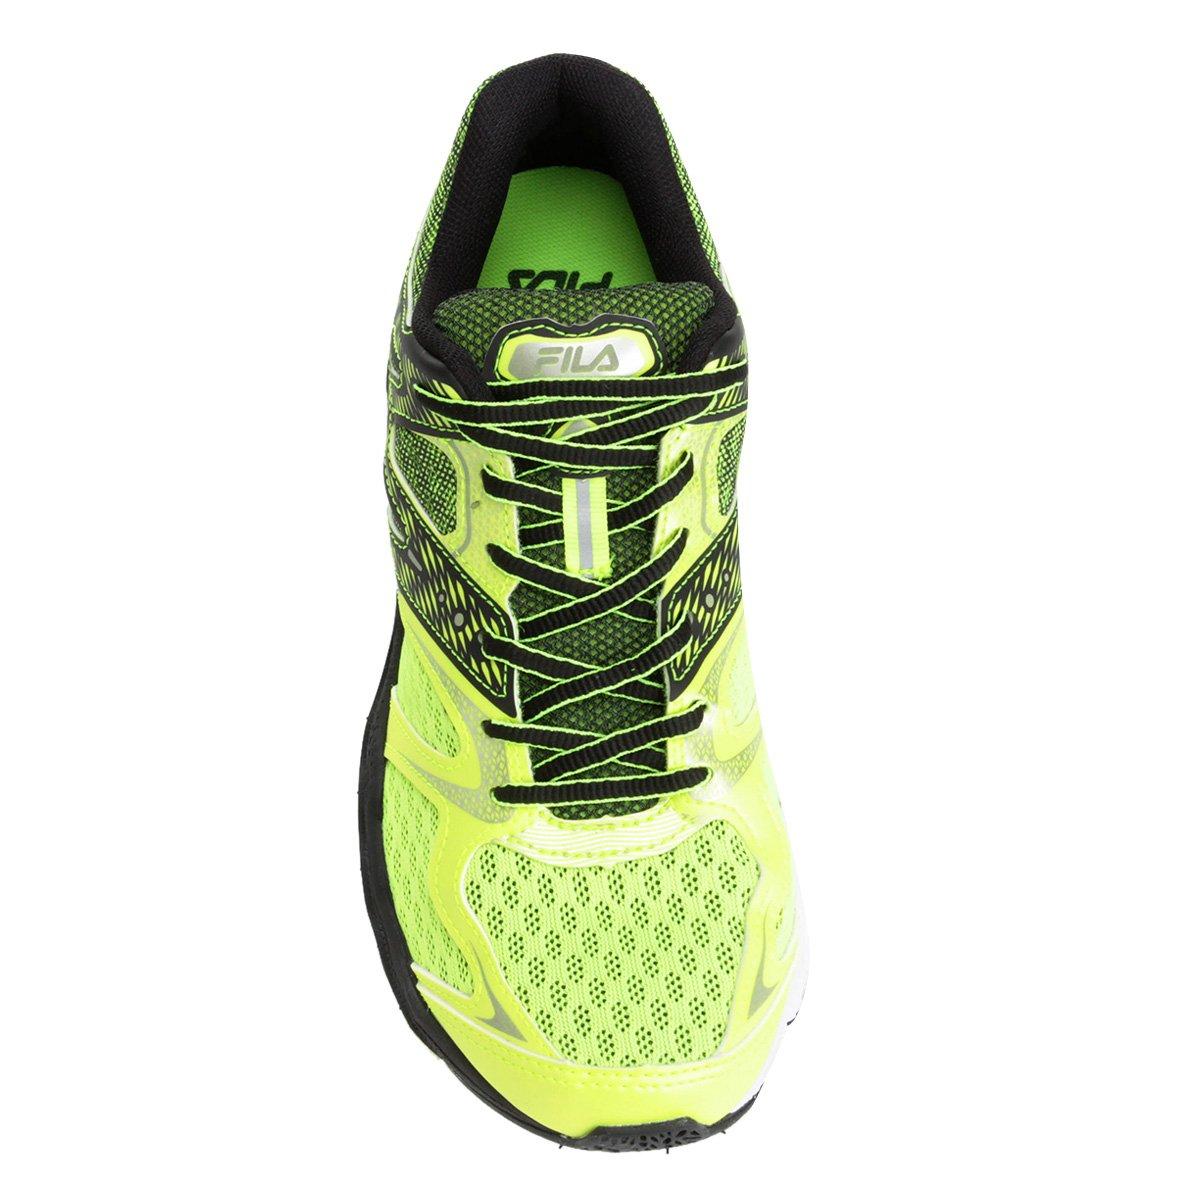 49e330a38fc Tênis Fila Arterial 2.0 Masculino - Compre Agora